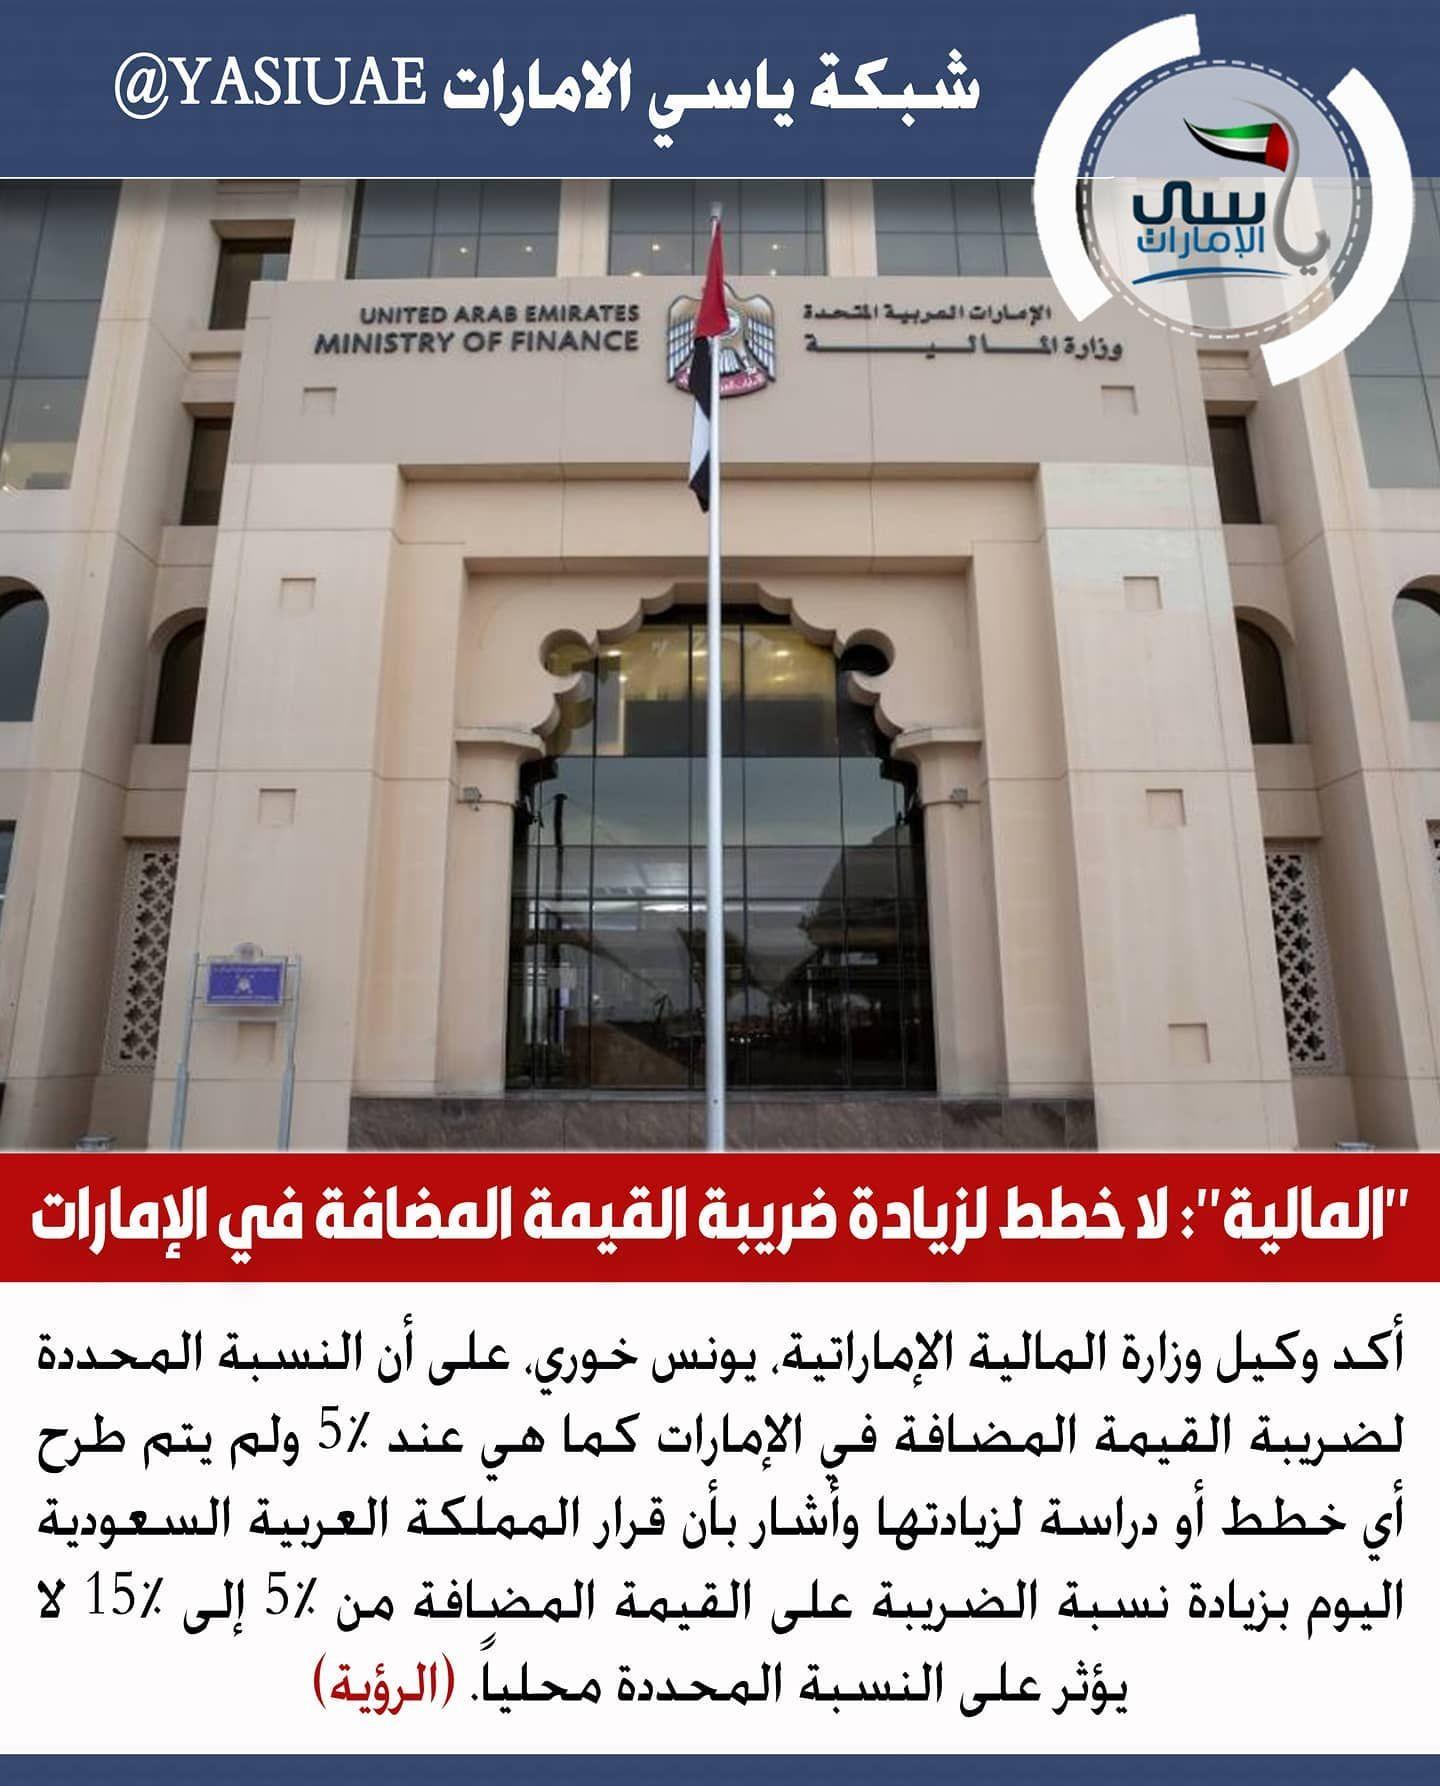 المالية لا خطط لزيادة ضريبة القيمة المضافة في الإمارات Www Yasiuae Net ياسي الامارات شبكة ياسي الامارات شبكة ياسي ا United Arab Emirates Finance Emirates